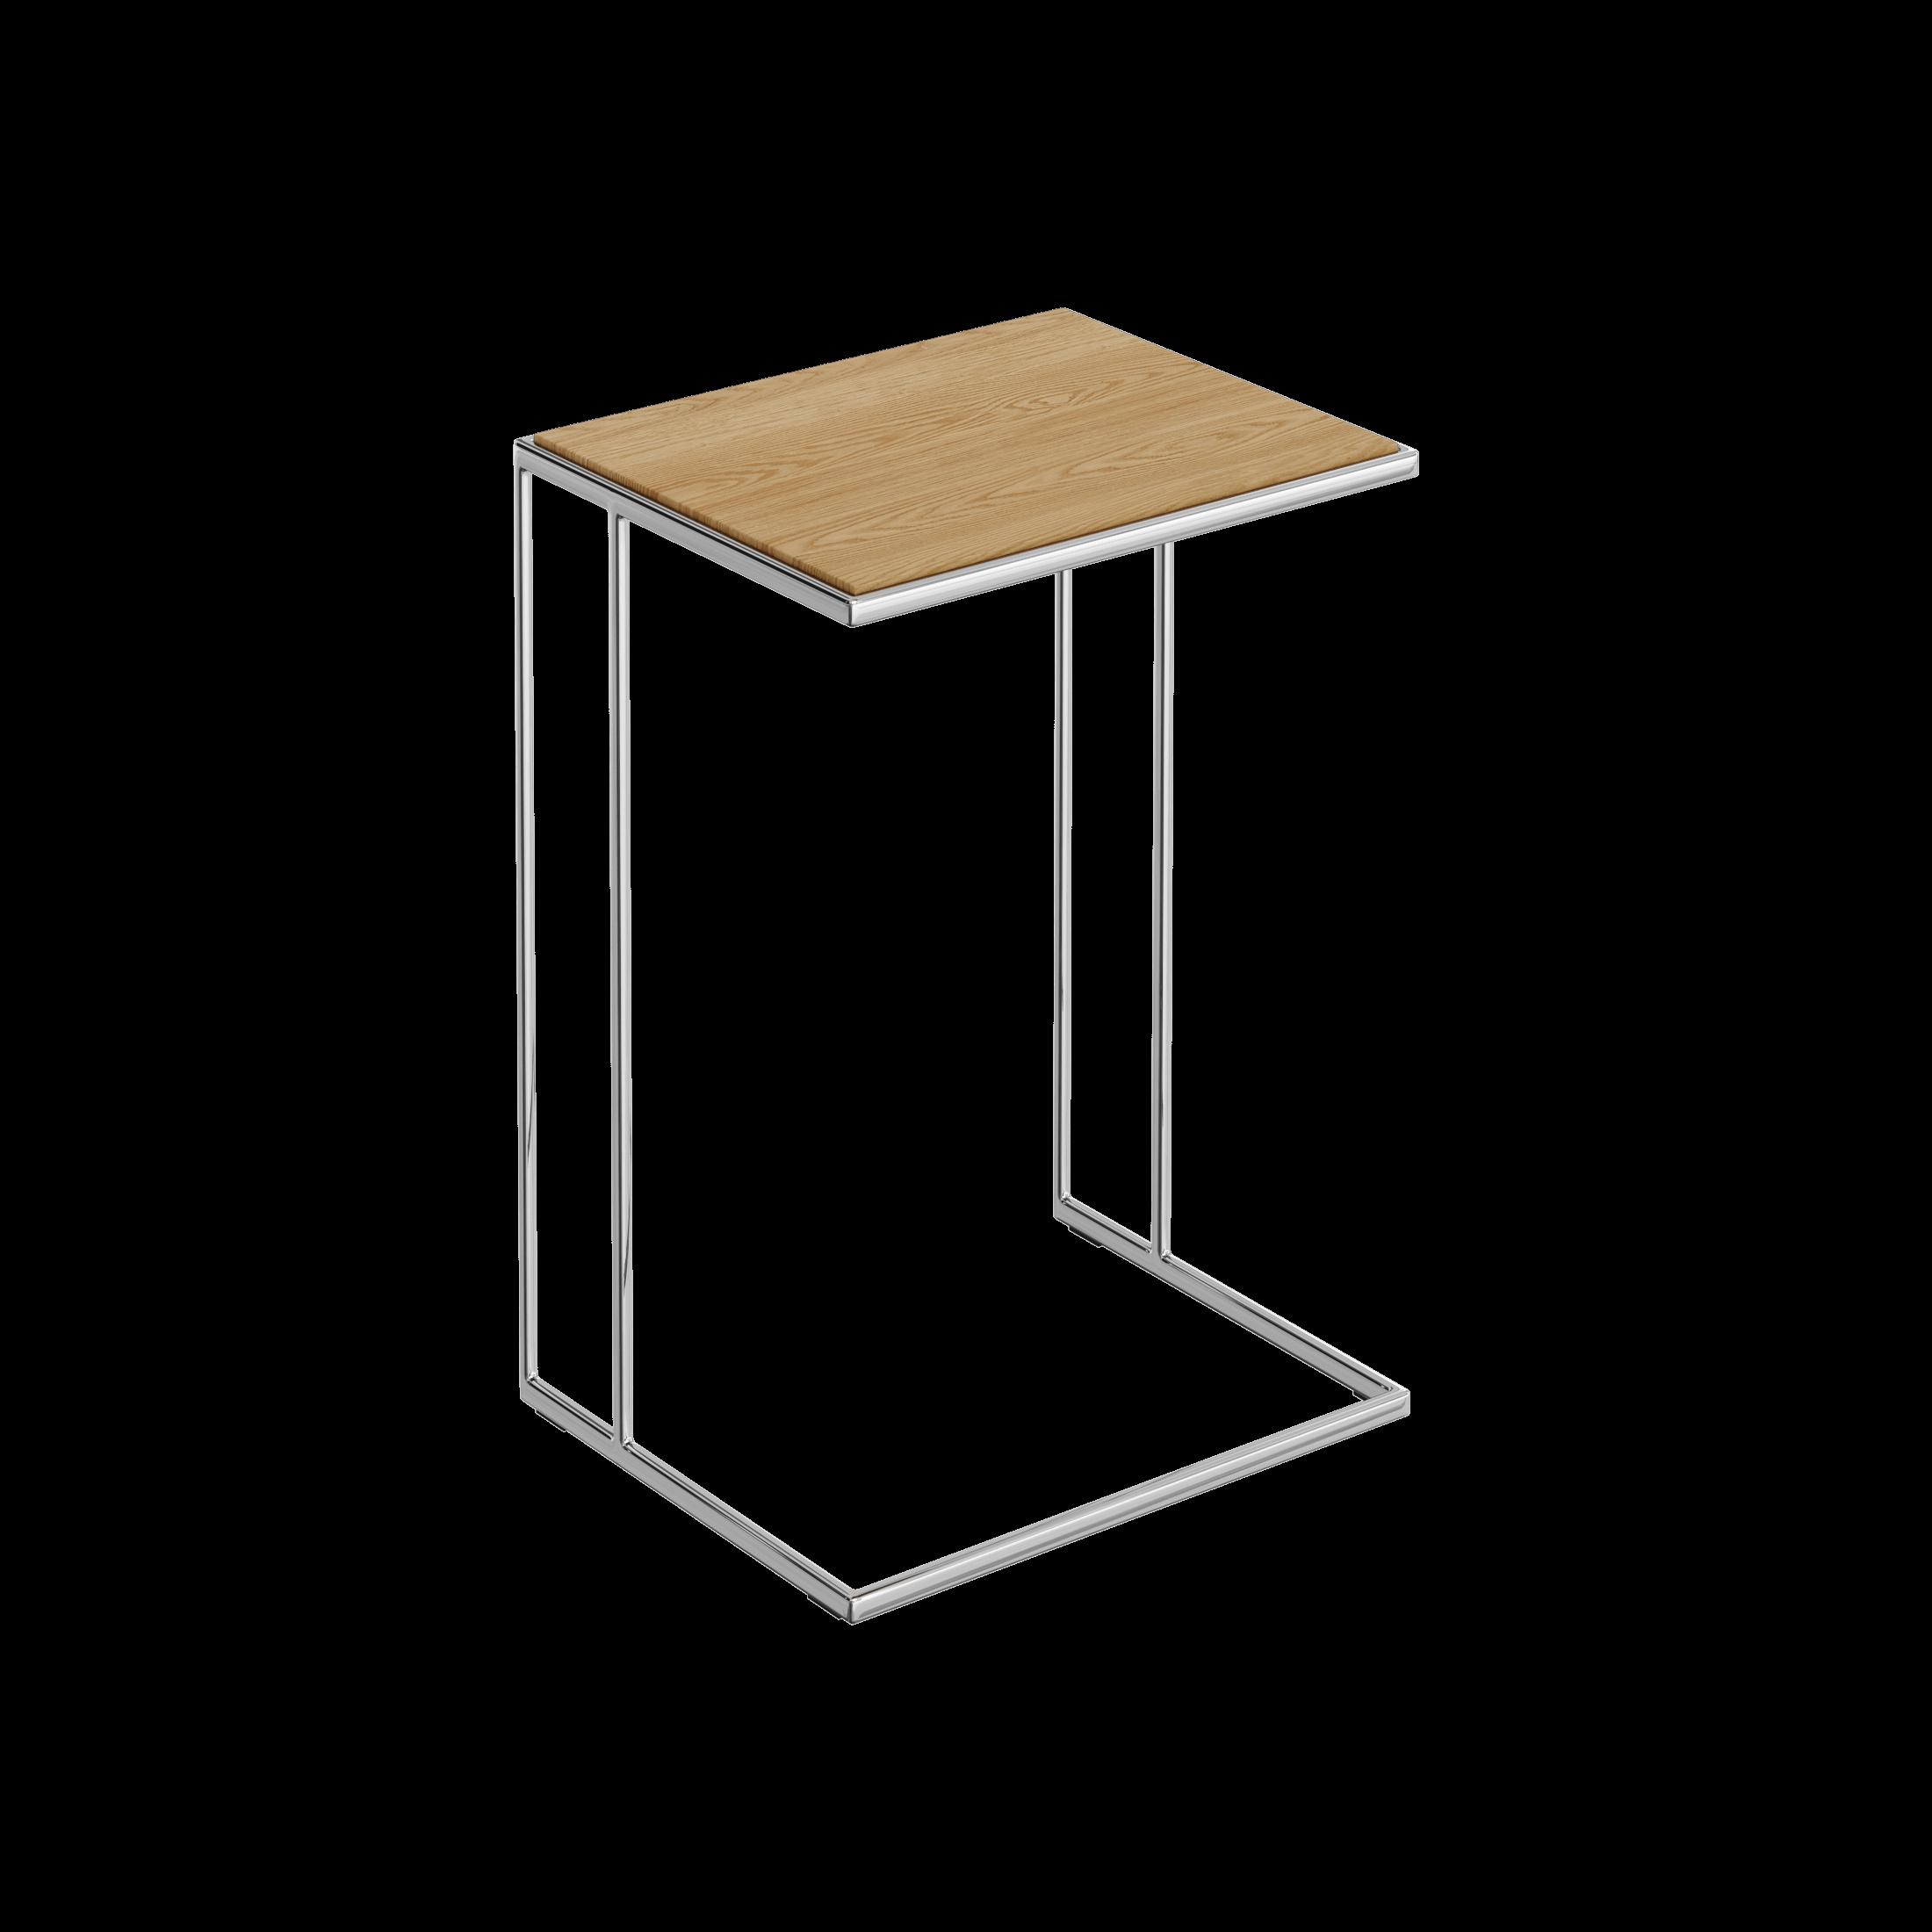 toscana beistelltisch couchtisch toscana couchtische. Black Bedroom Furniture Sets. Home Design Ideas